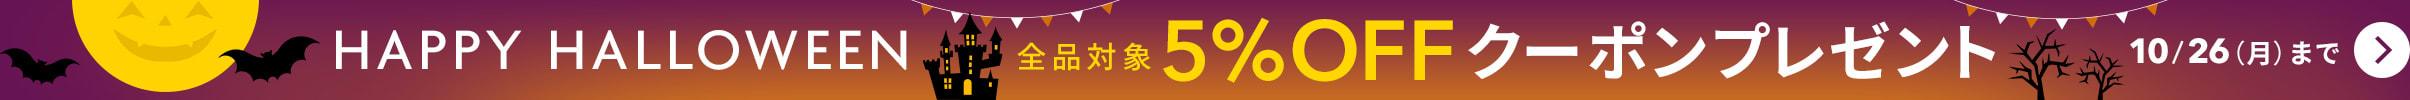 ハッピーハロウィーン5%OFFクーポンプレゼント